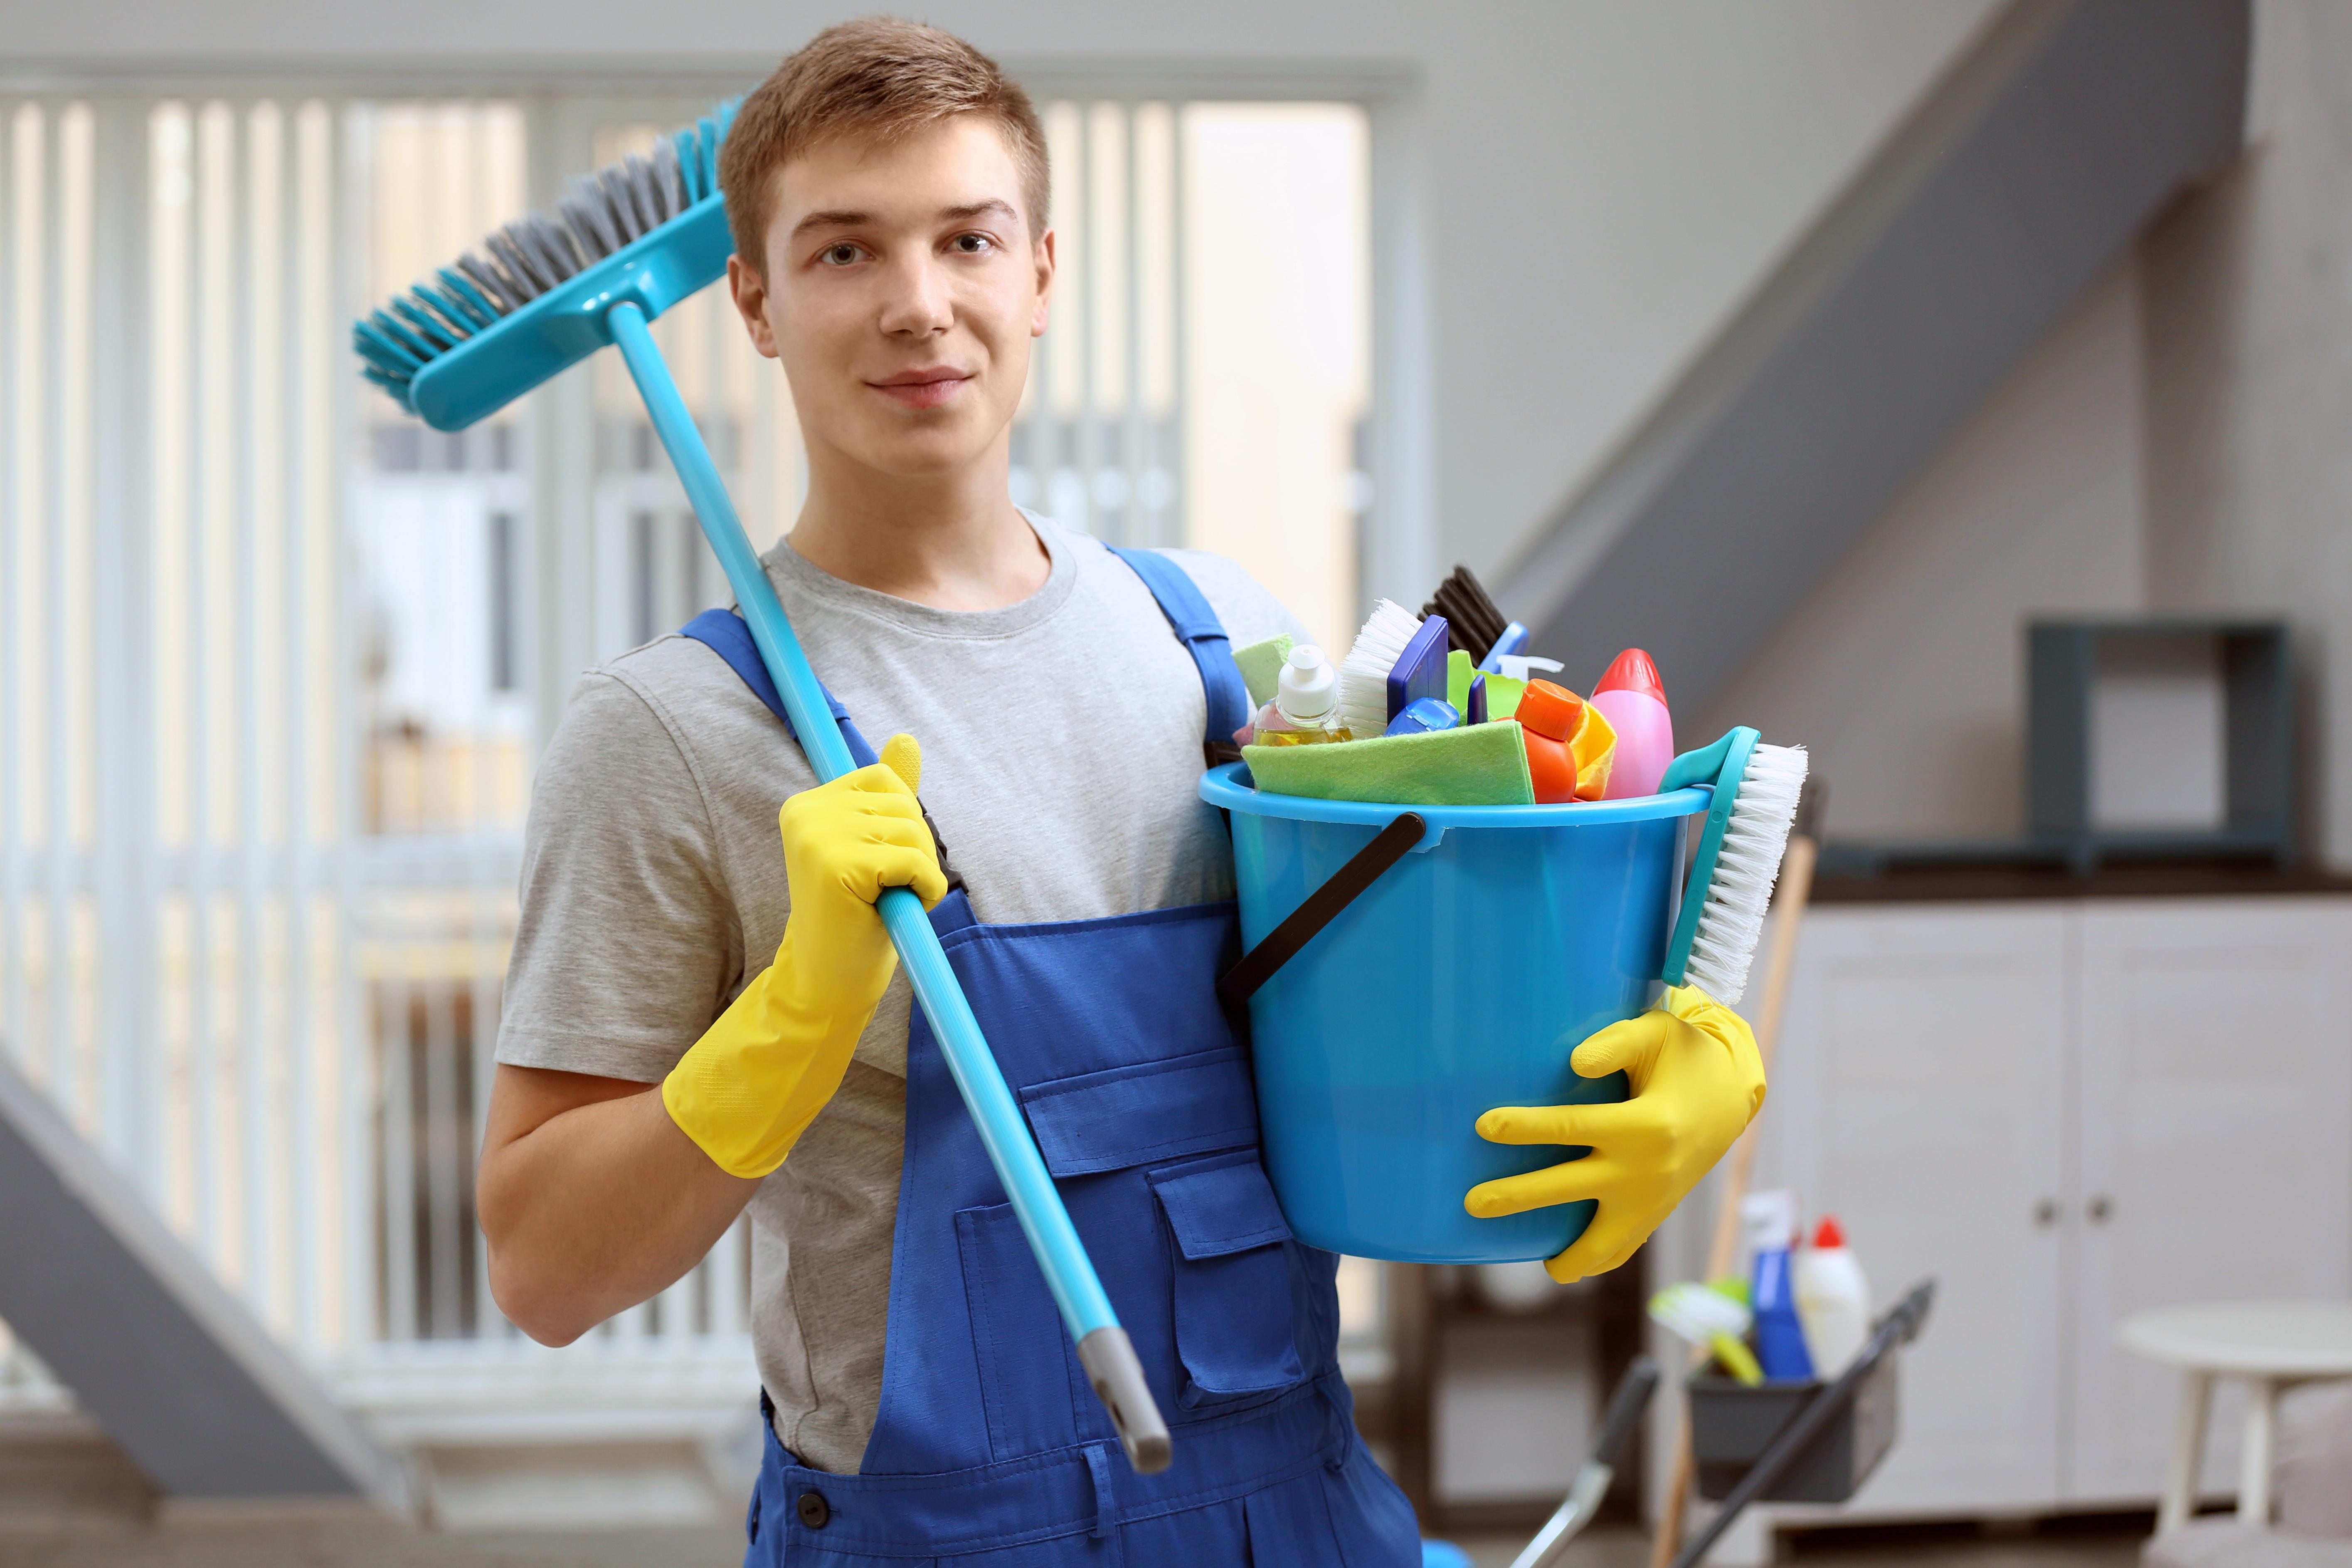 Comment Nettoyer Un Lave Linge Encrassé comment procéder au nettoyage de la cuisine ?   immobilier blog